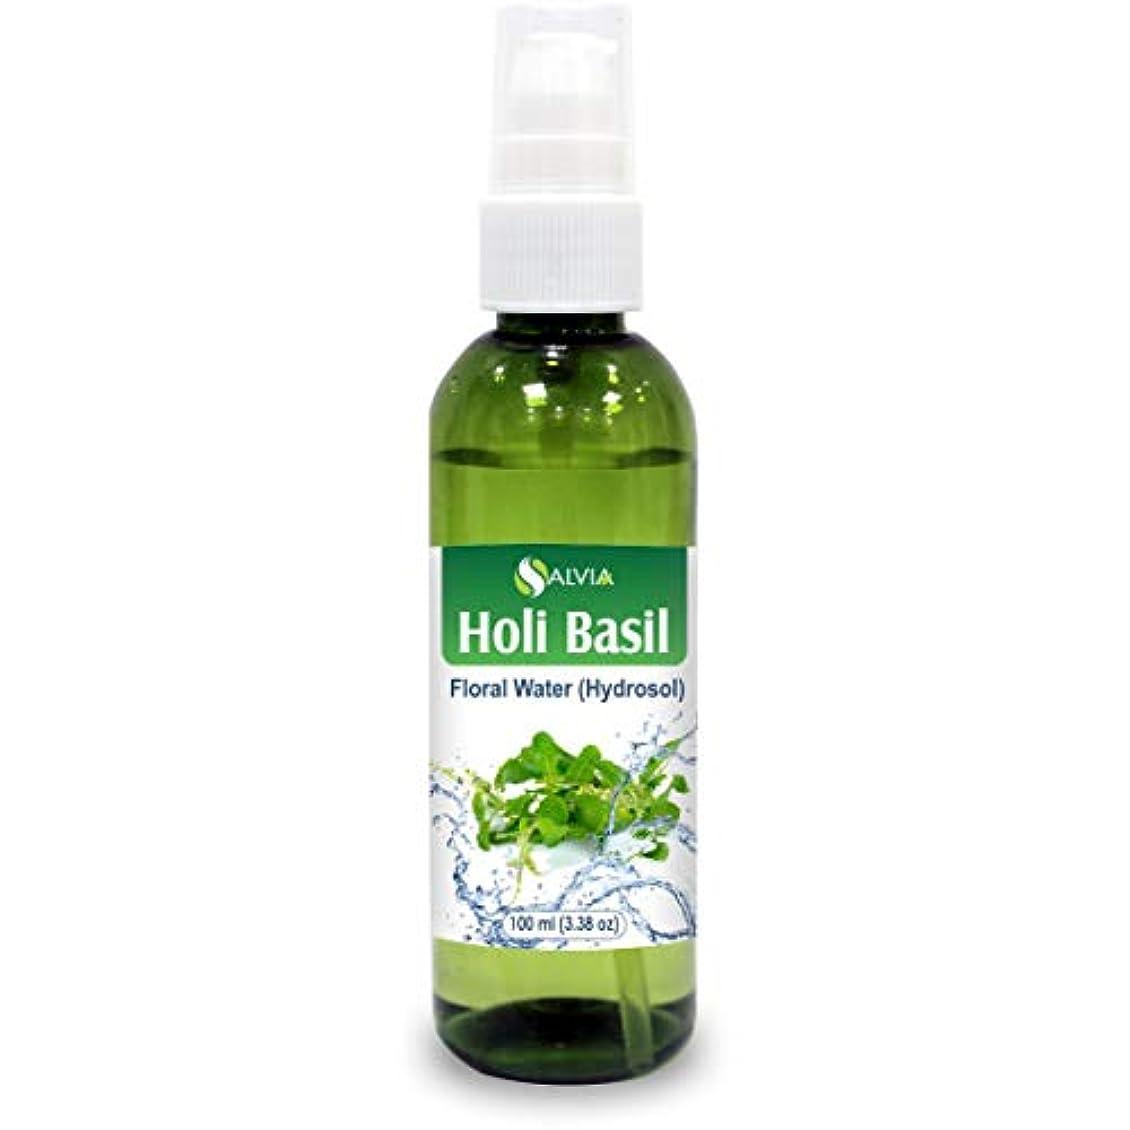 基本的なオークション出しますHoly Basil (Tulsi) Floral Water 100ml (Hydrosol) 100% Pure And Natural